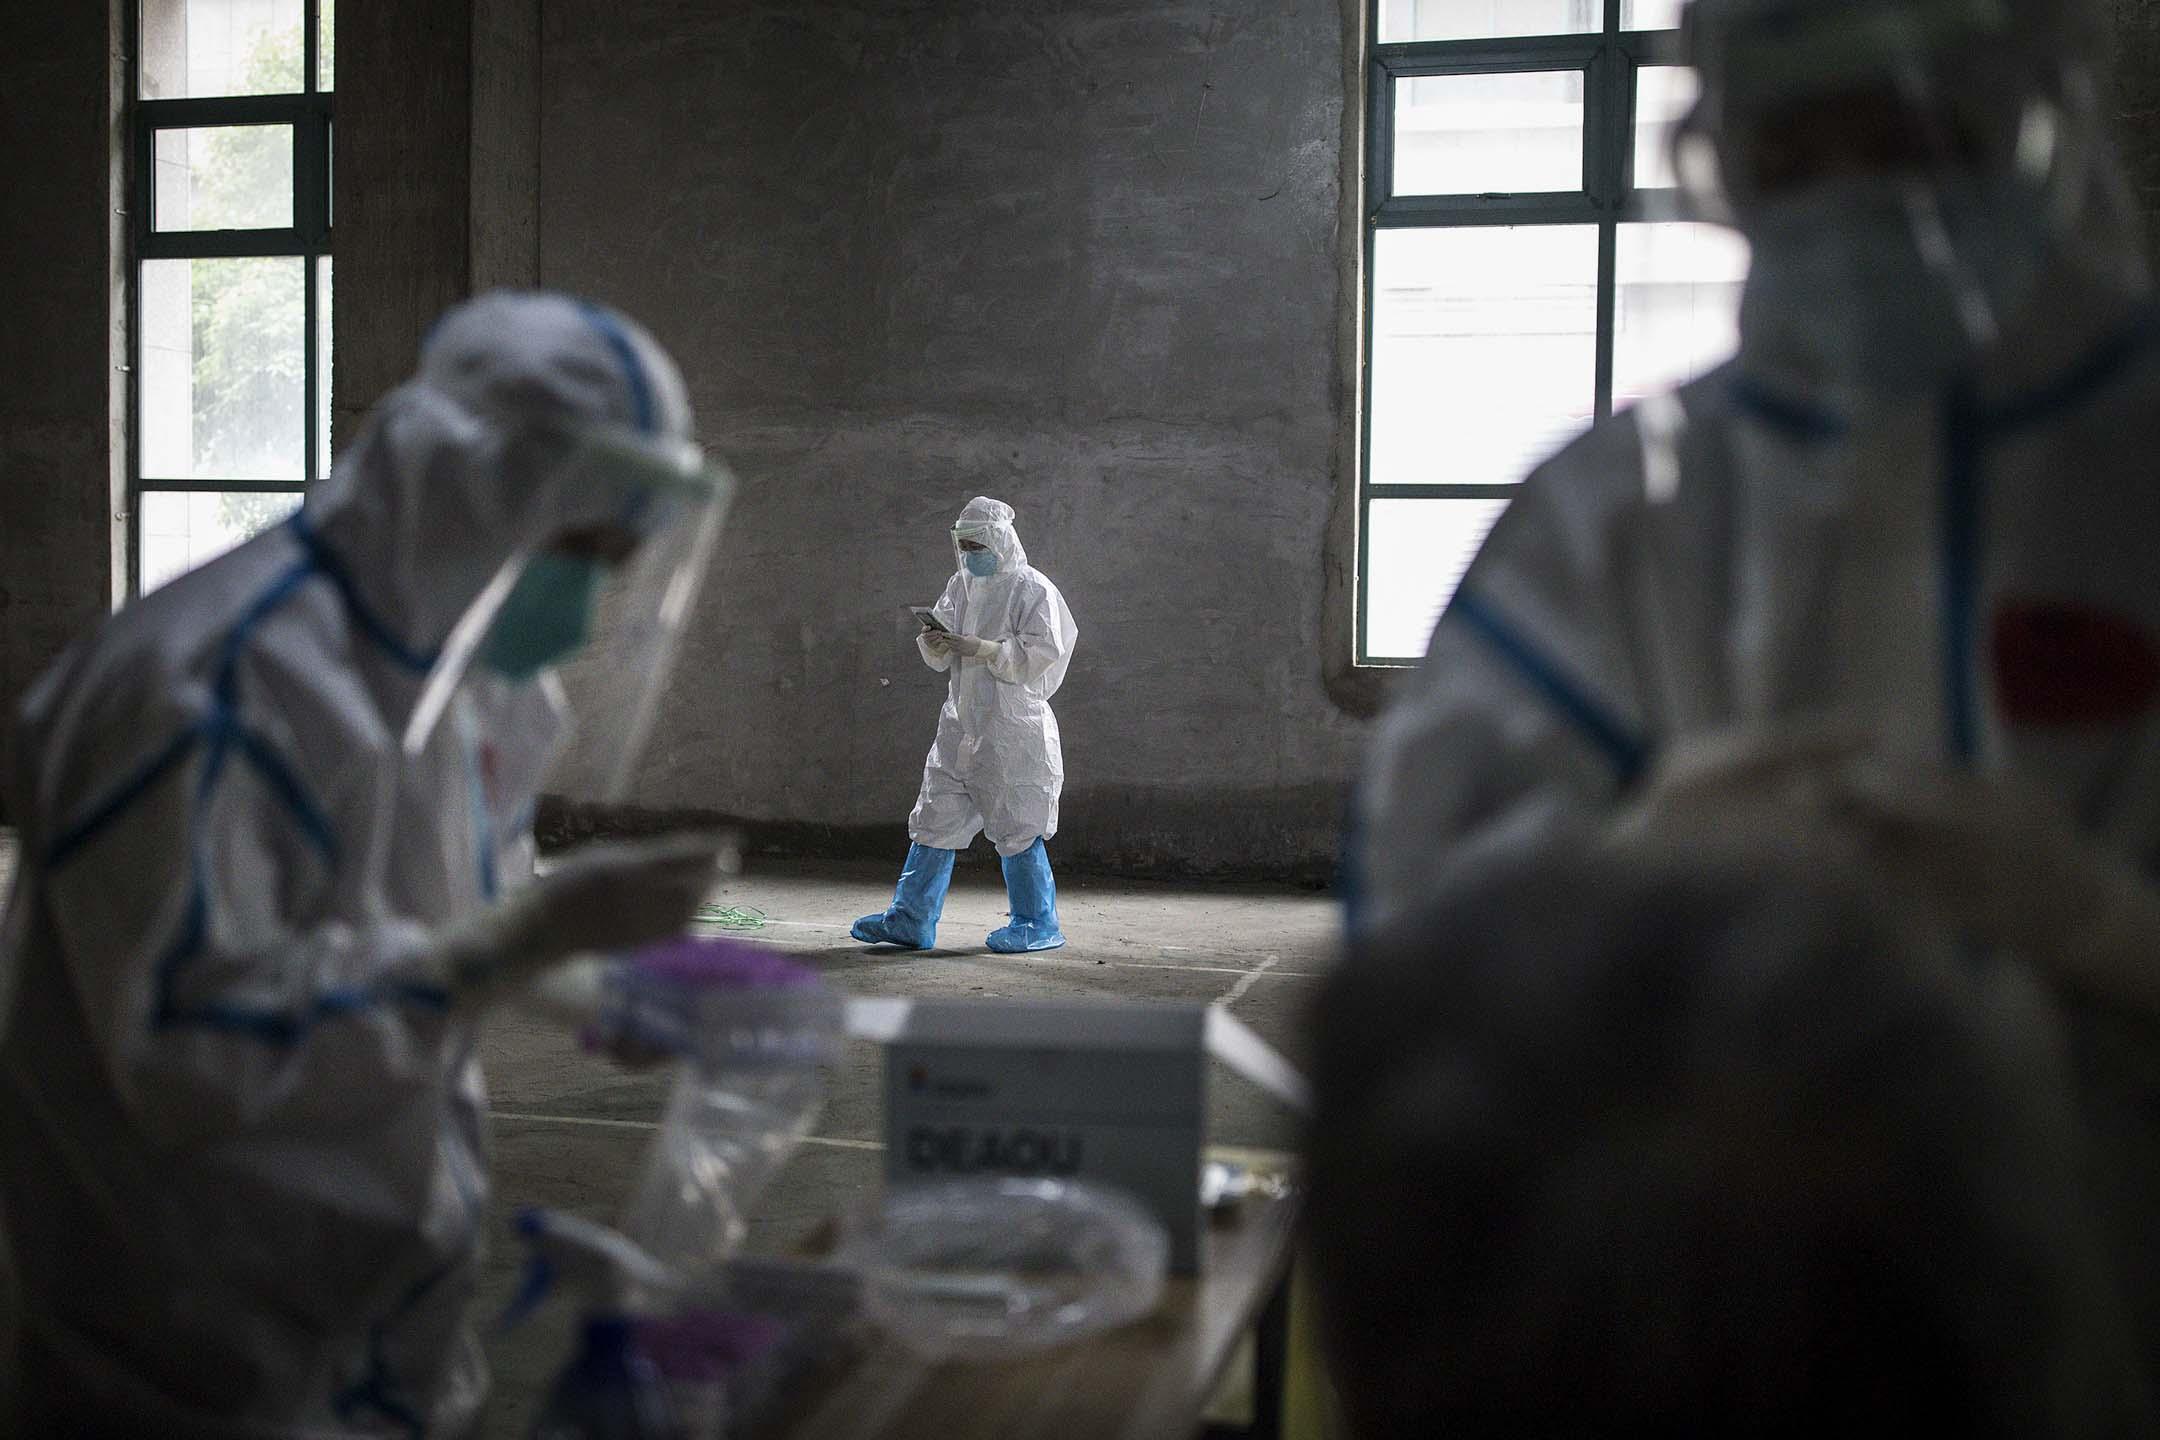 2020年5月15日,中國武漢,醫護人員在進行新冠肺炎測試。